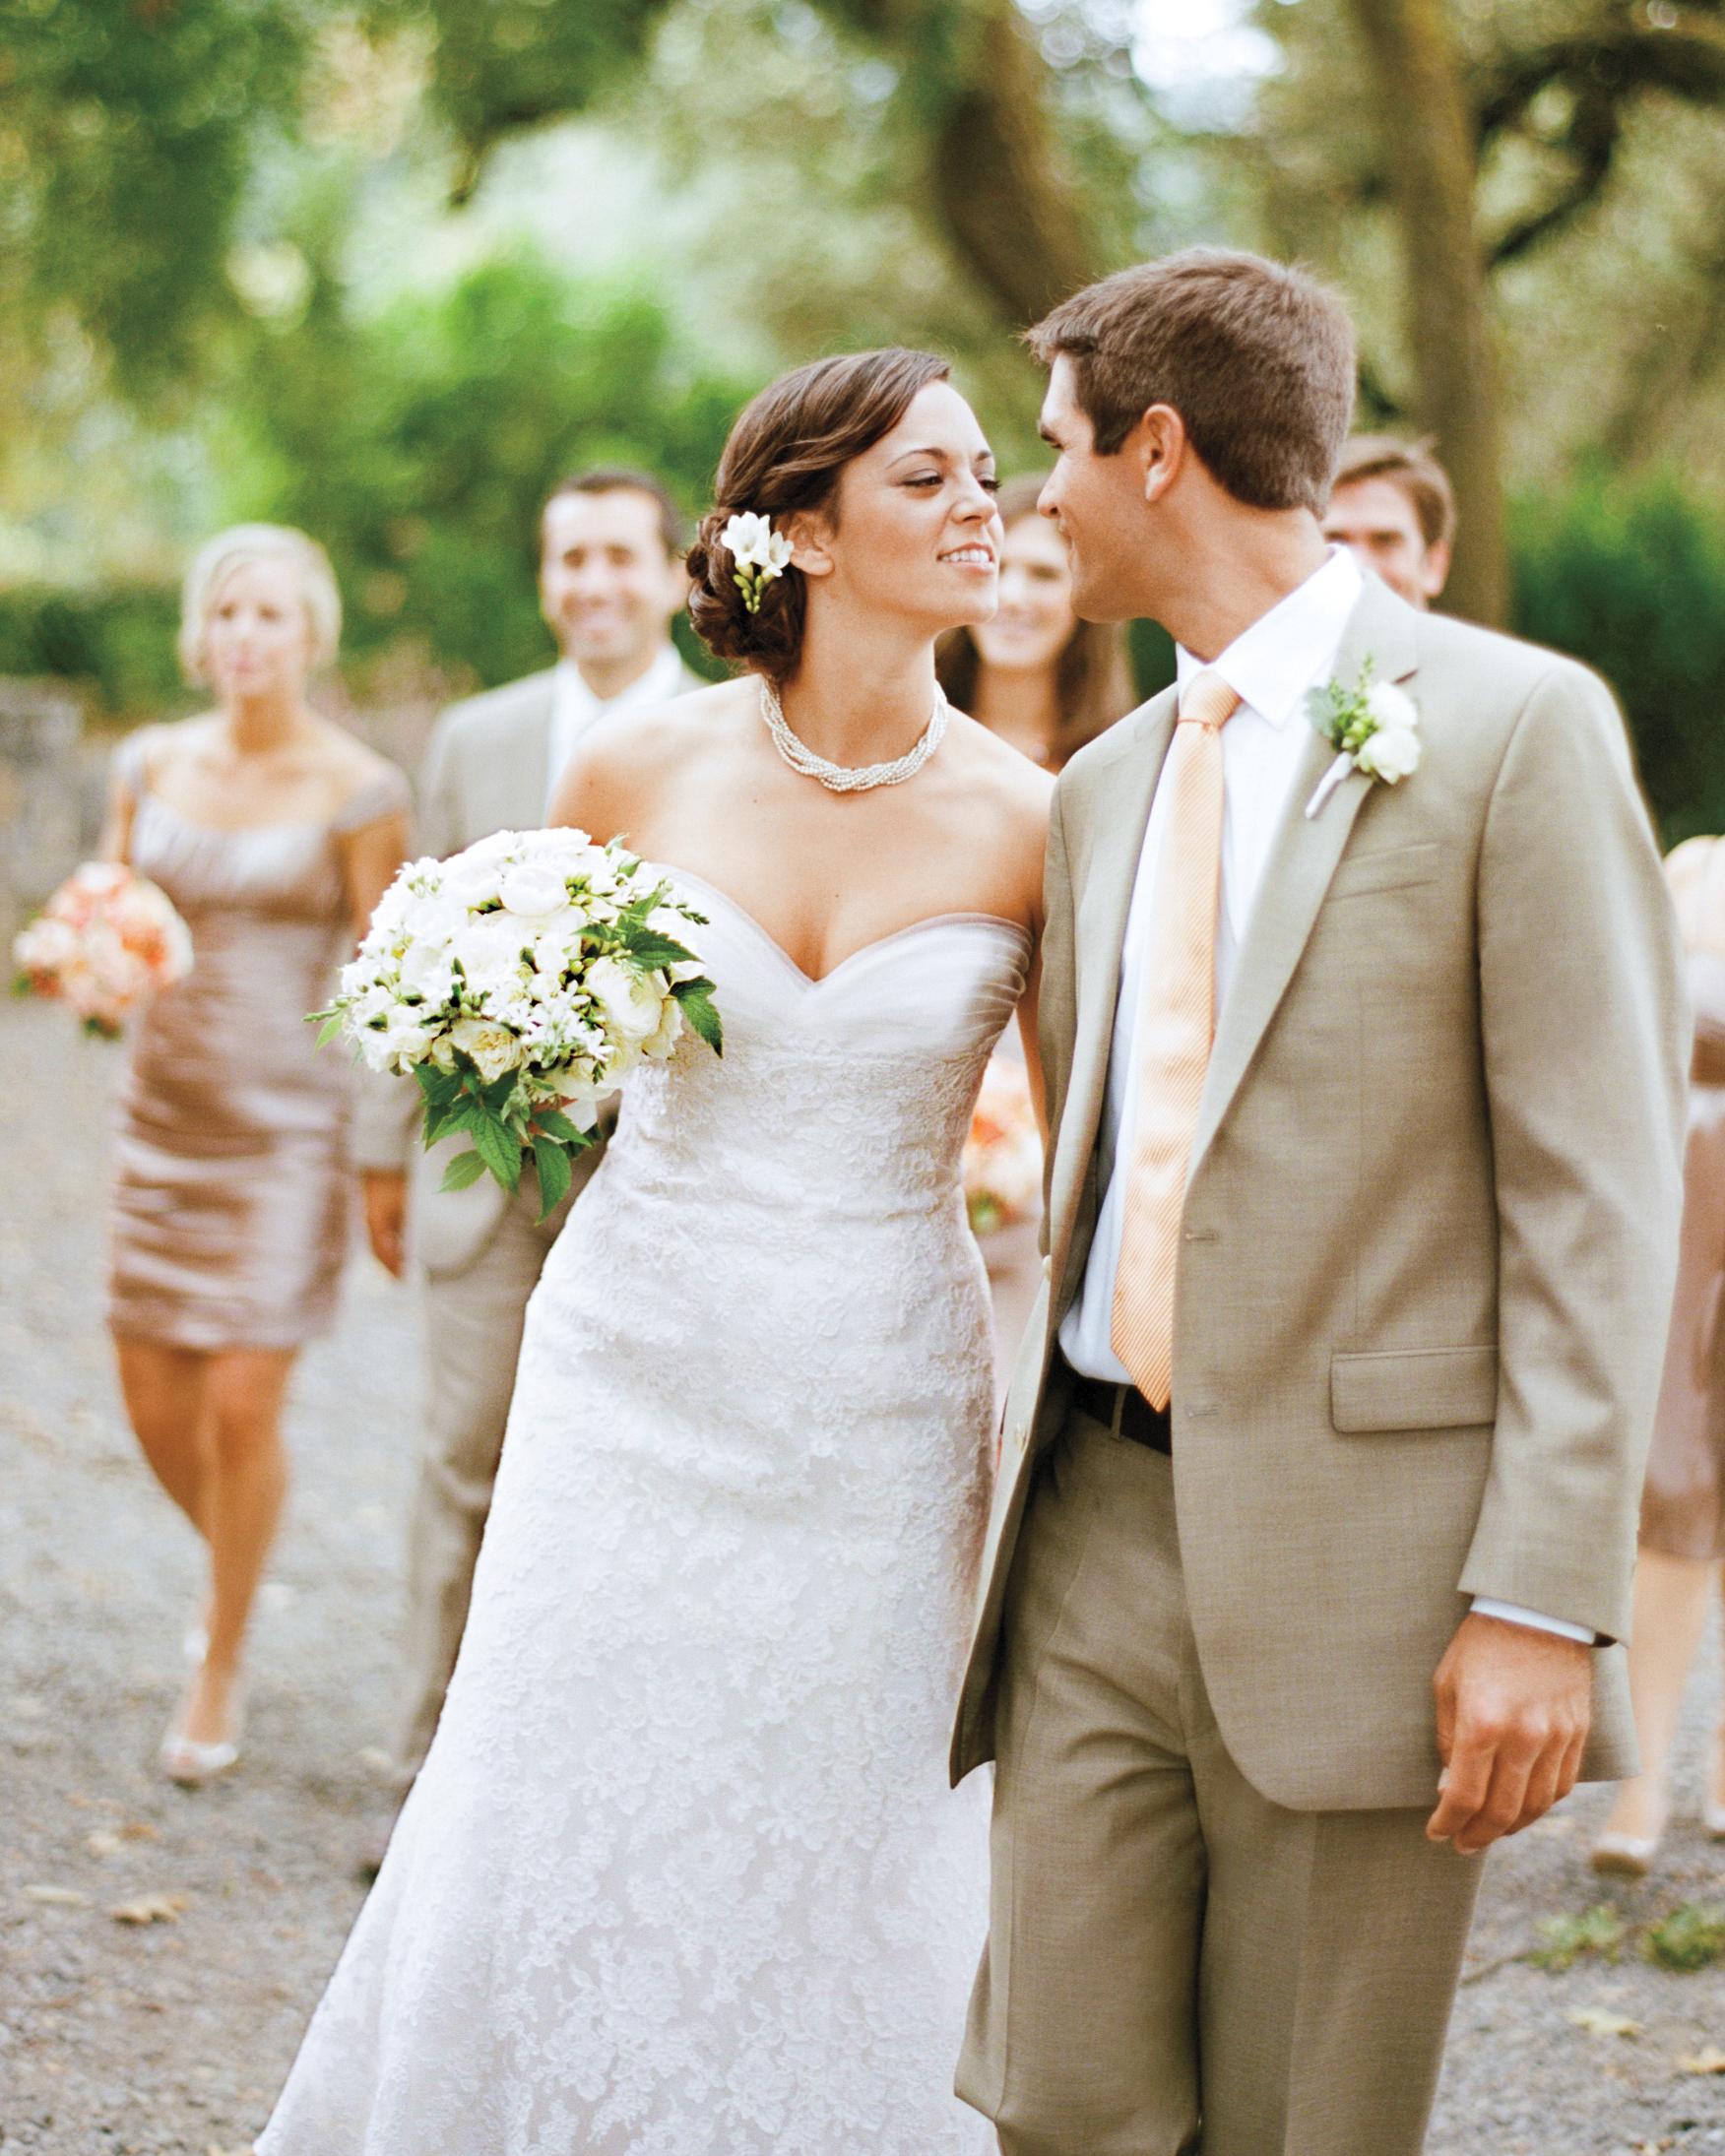 lauren-conor-soon-to-be-weds-mwds109822.jpg